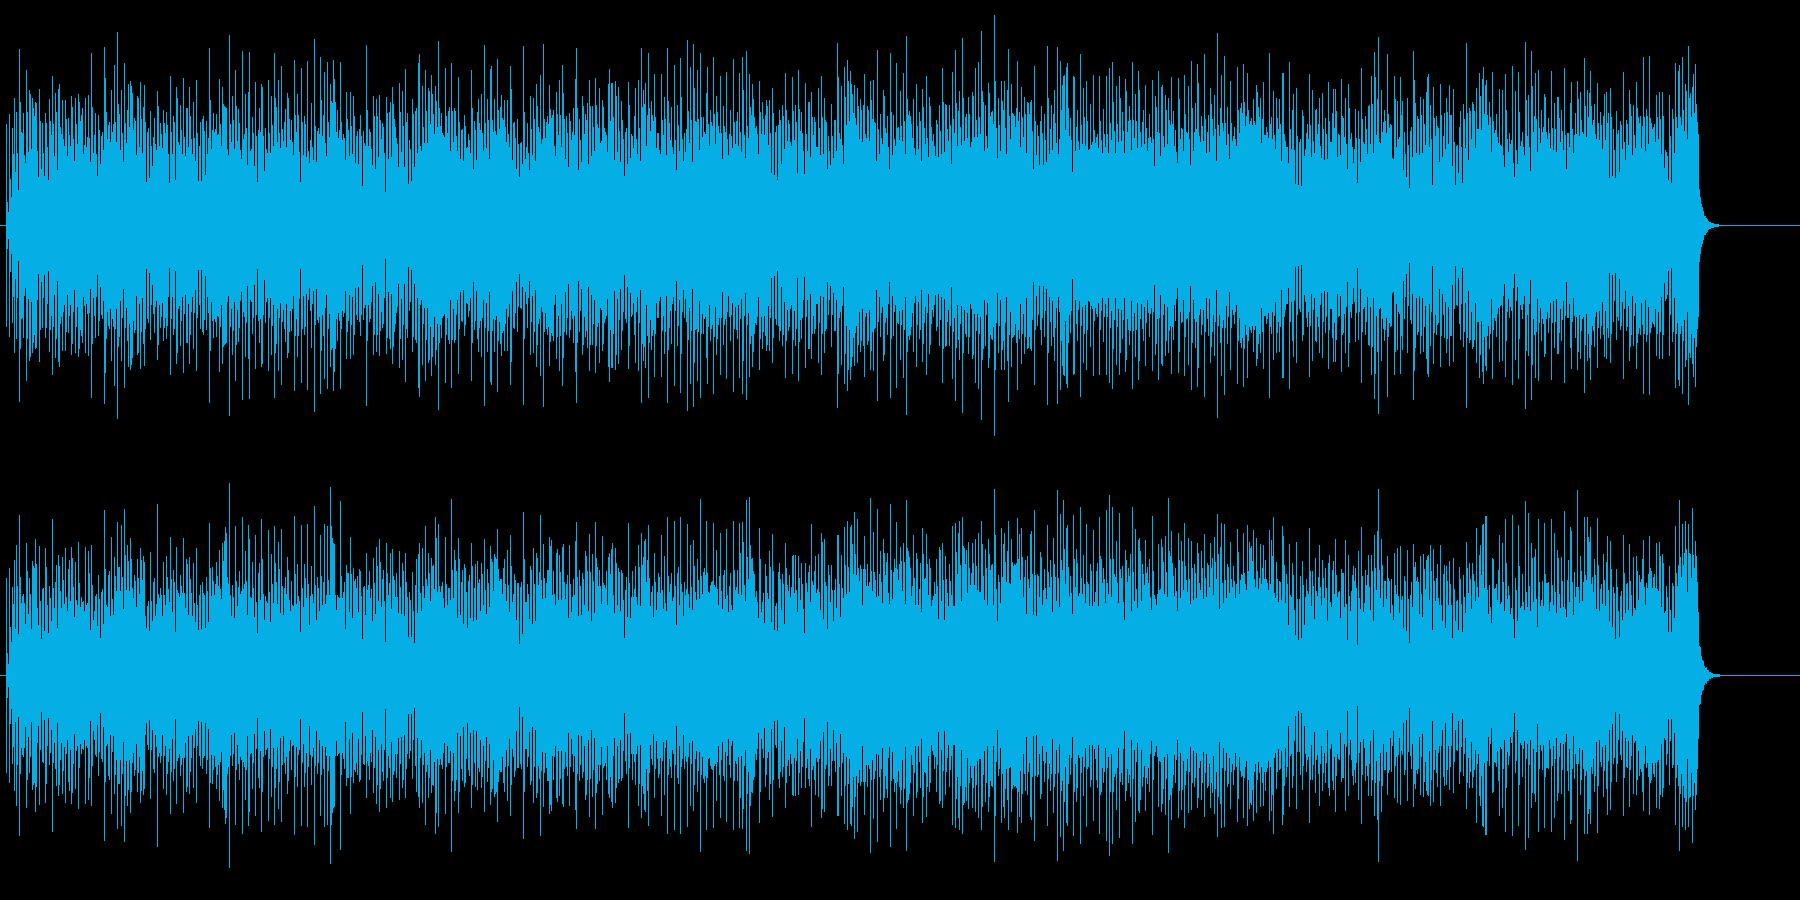 優しく淡々とした8ビート・ポップスの再生済みの波形